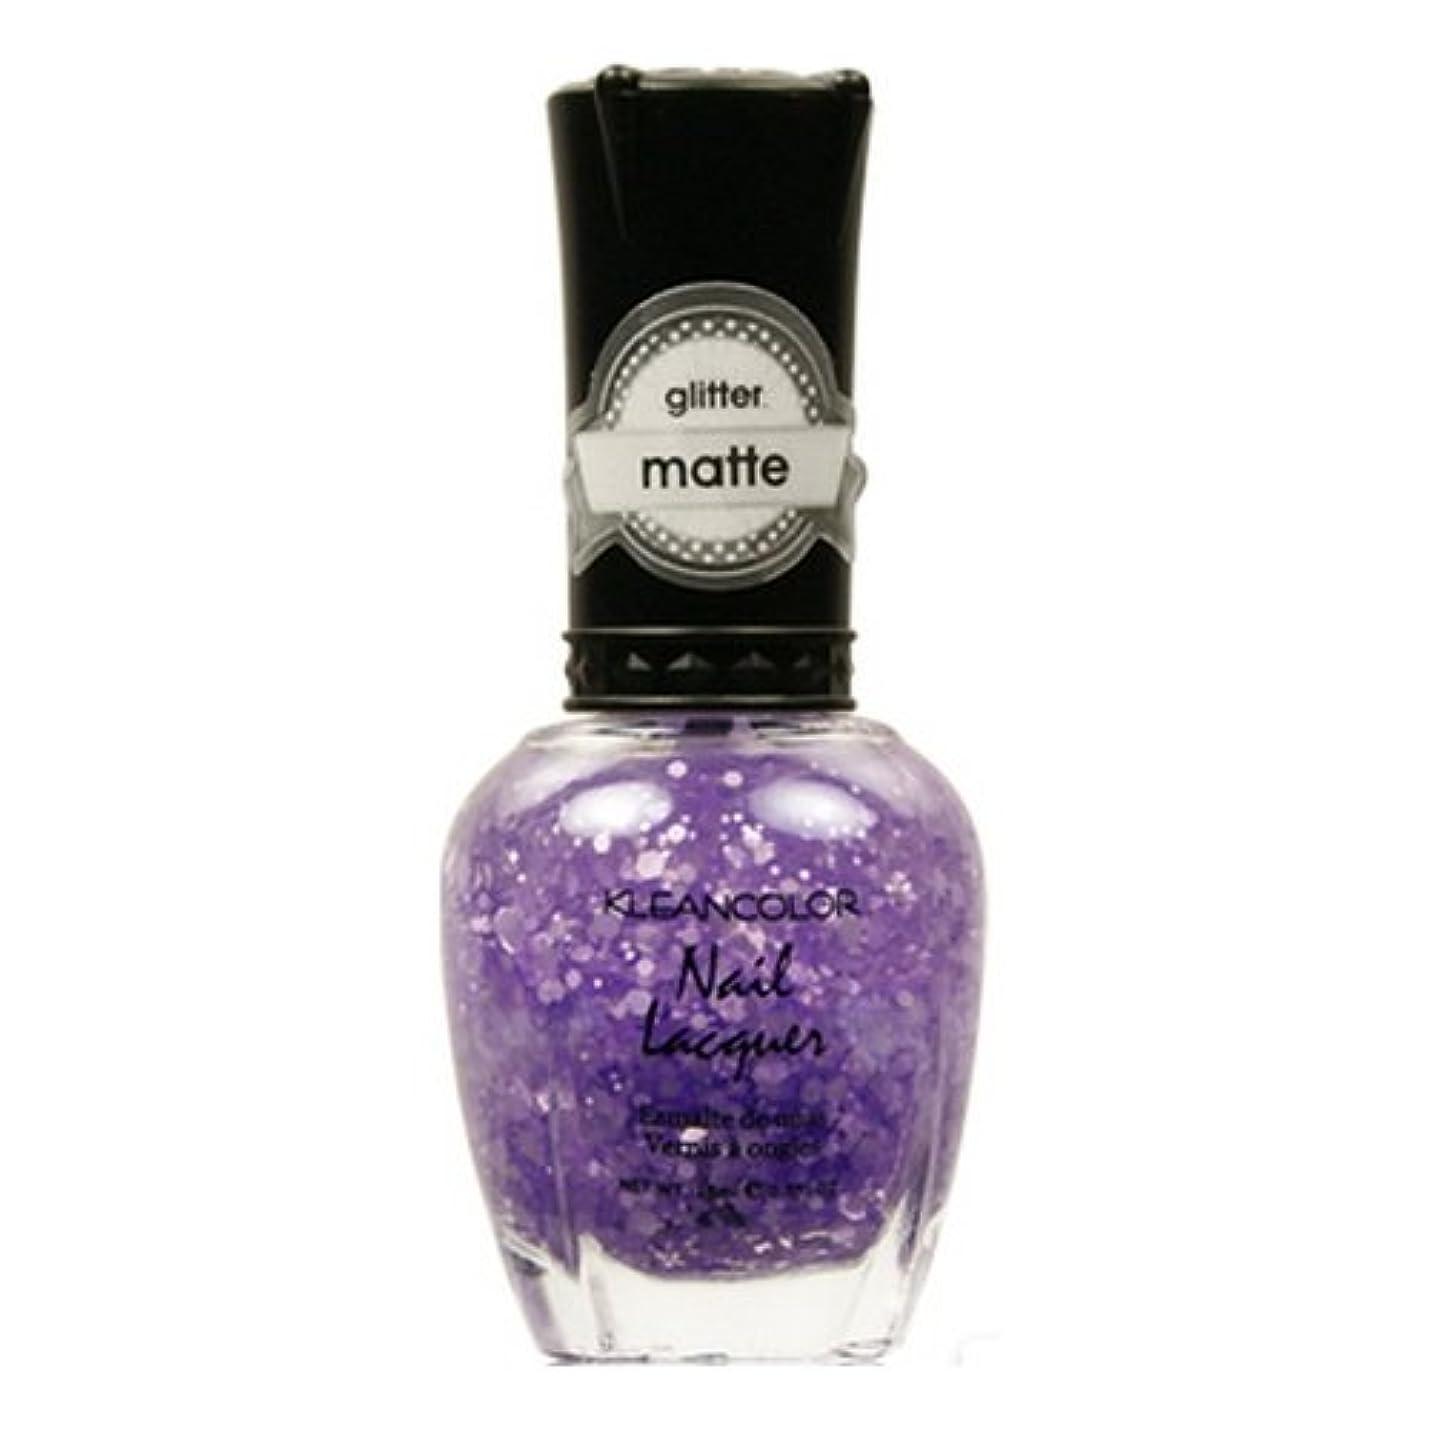 KLEANCOLOR Glitter Matte Nail Lacquer - Playful Lavender (並行輸入品)